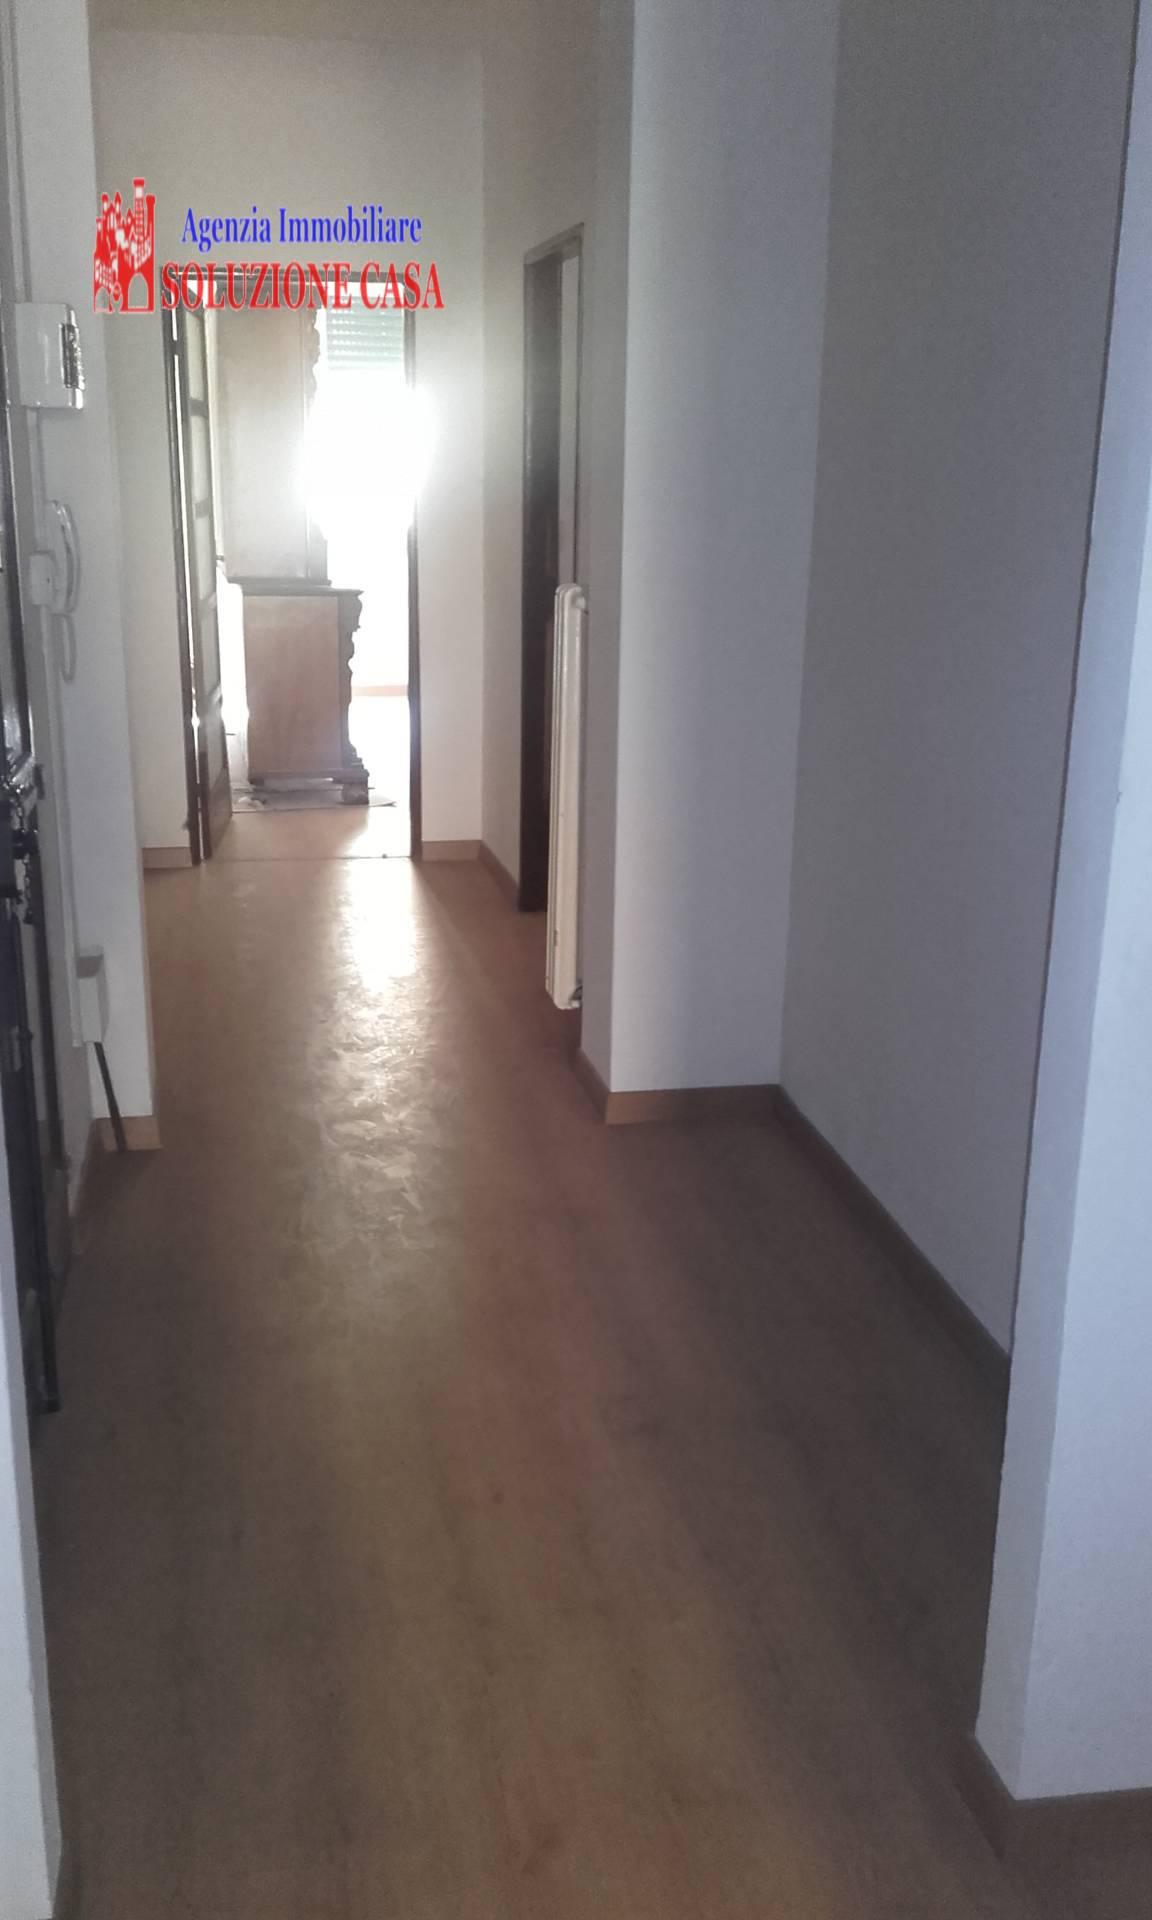 Appartamento in affitto a Cento, 3 locali, zona Località: CENTO, prezzo € 500 | Cambio Casa.it